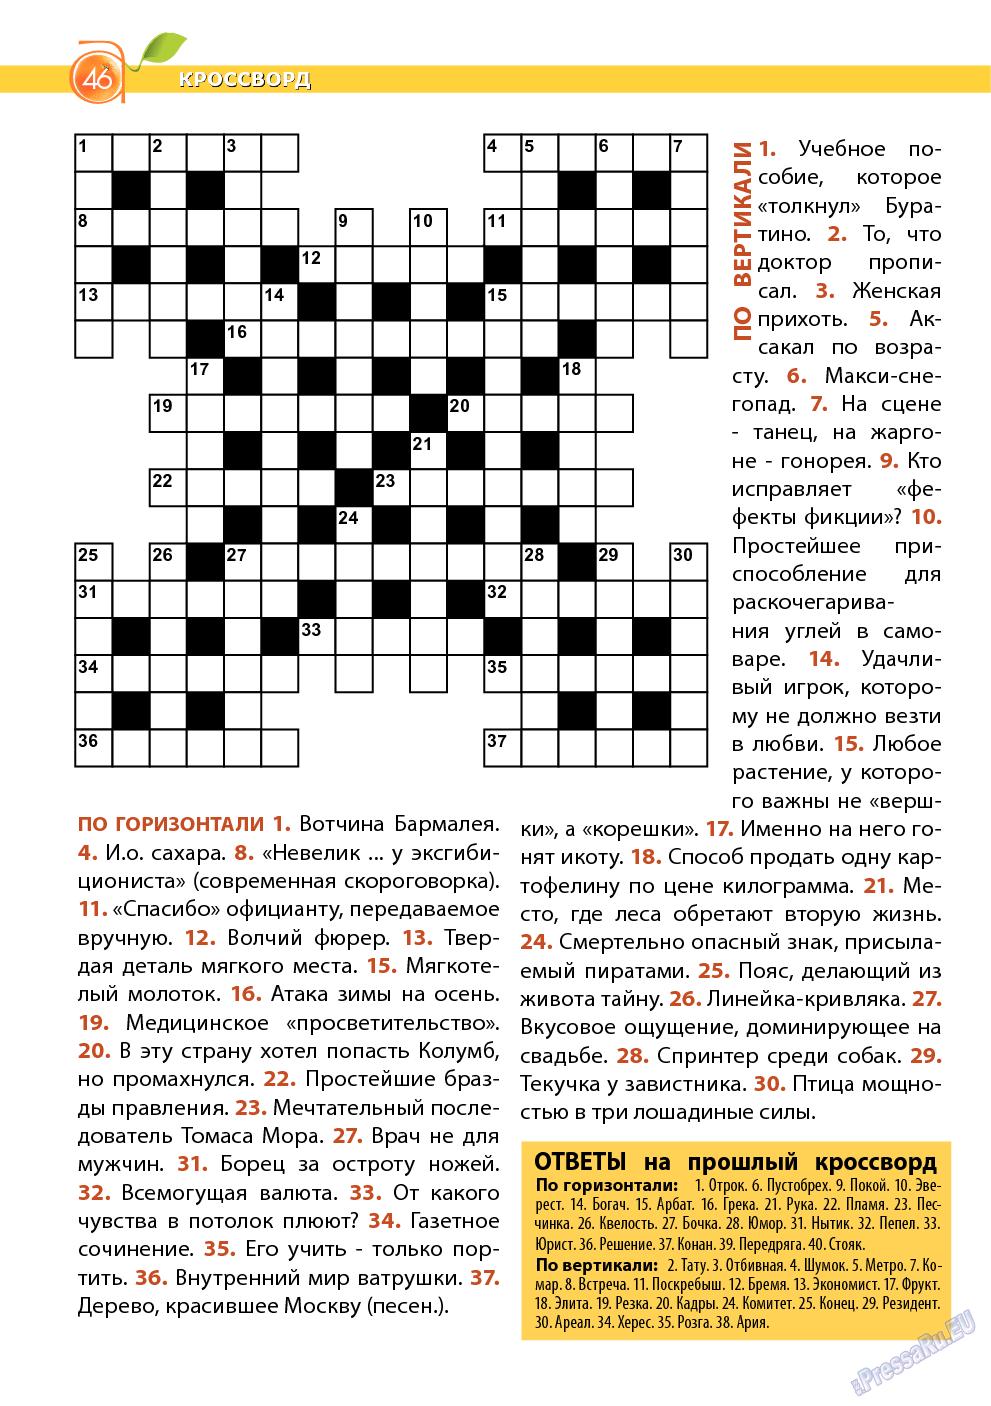 Апельсин (журнал). 2014 год, номер 55, стр. 44